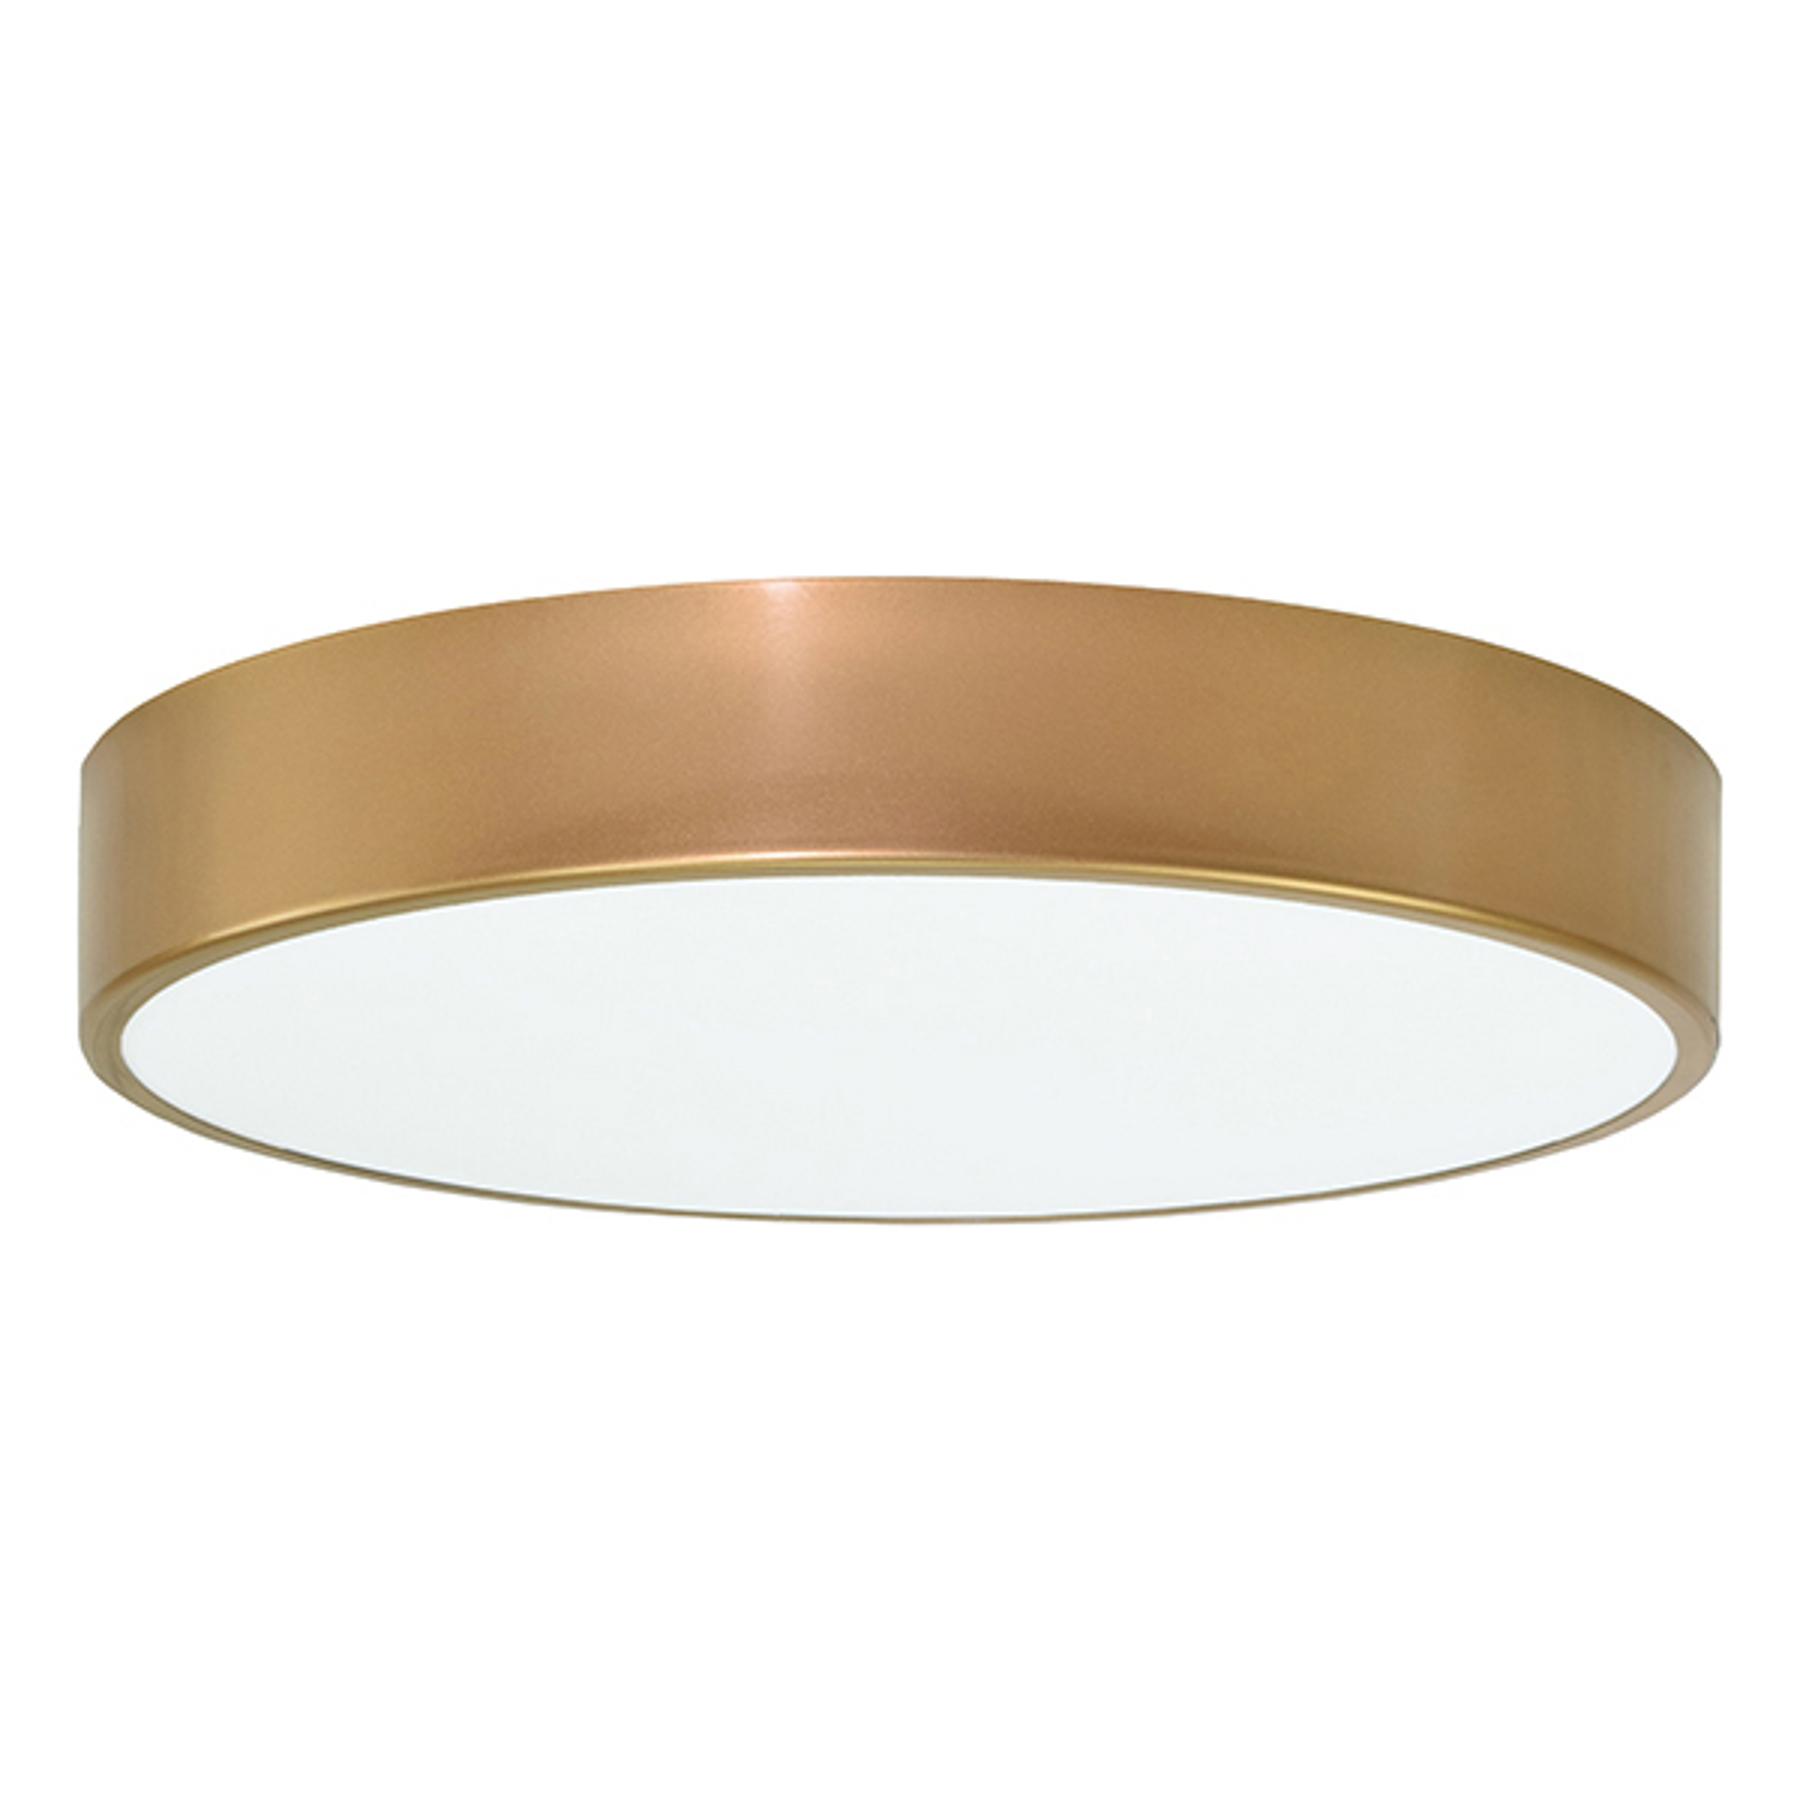 Deckenleuchte Cleo, Ø 50 cm, gold